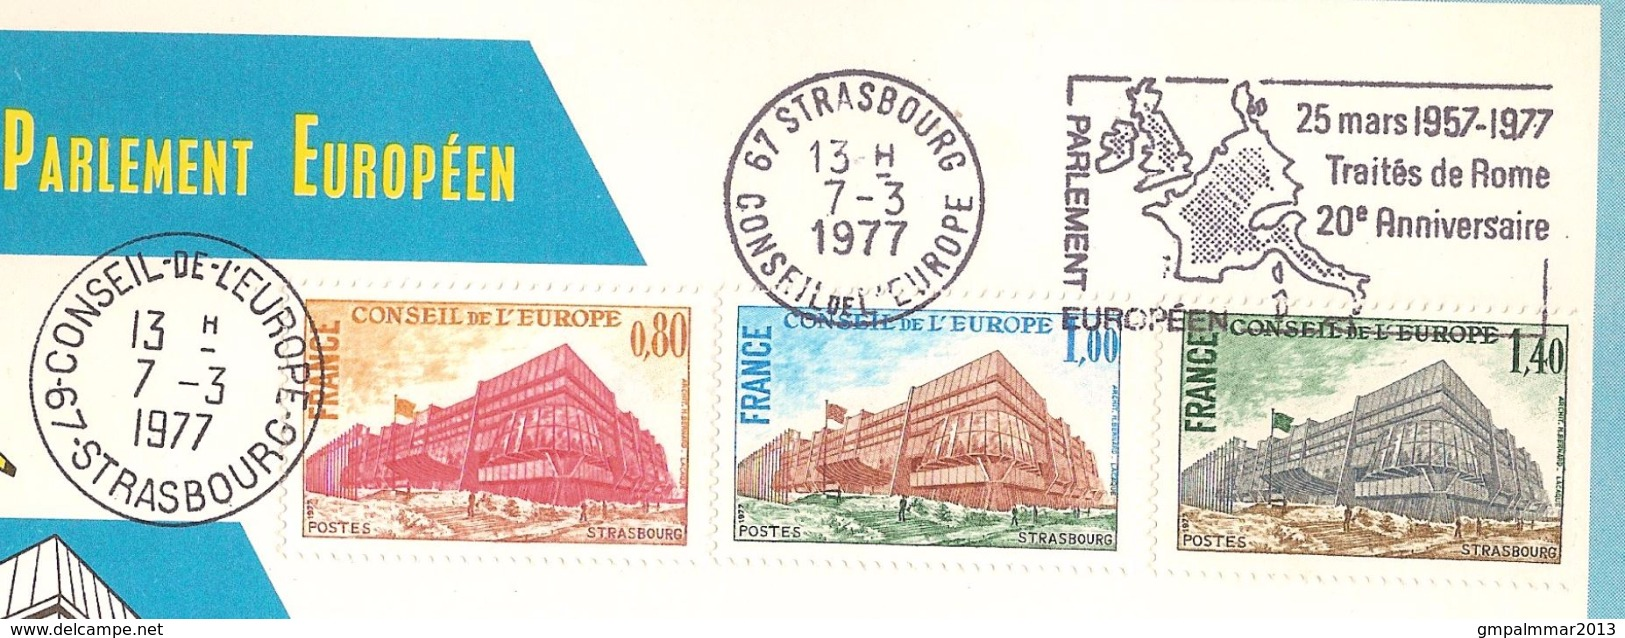 Carte De Souvenir PARLEMENT EUROPEEN Cachets STRASBOURG 1977 Et CONSEIL DE L'EUROPE ; Etat Voir 2 Scan ! Inzet 15 € - France